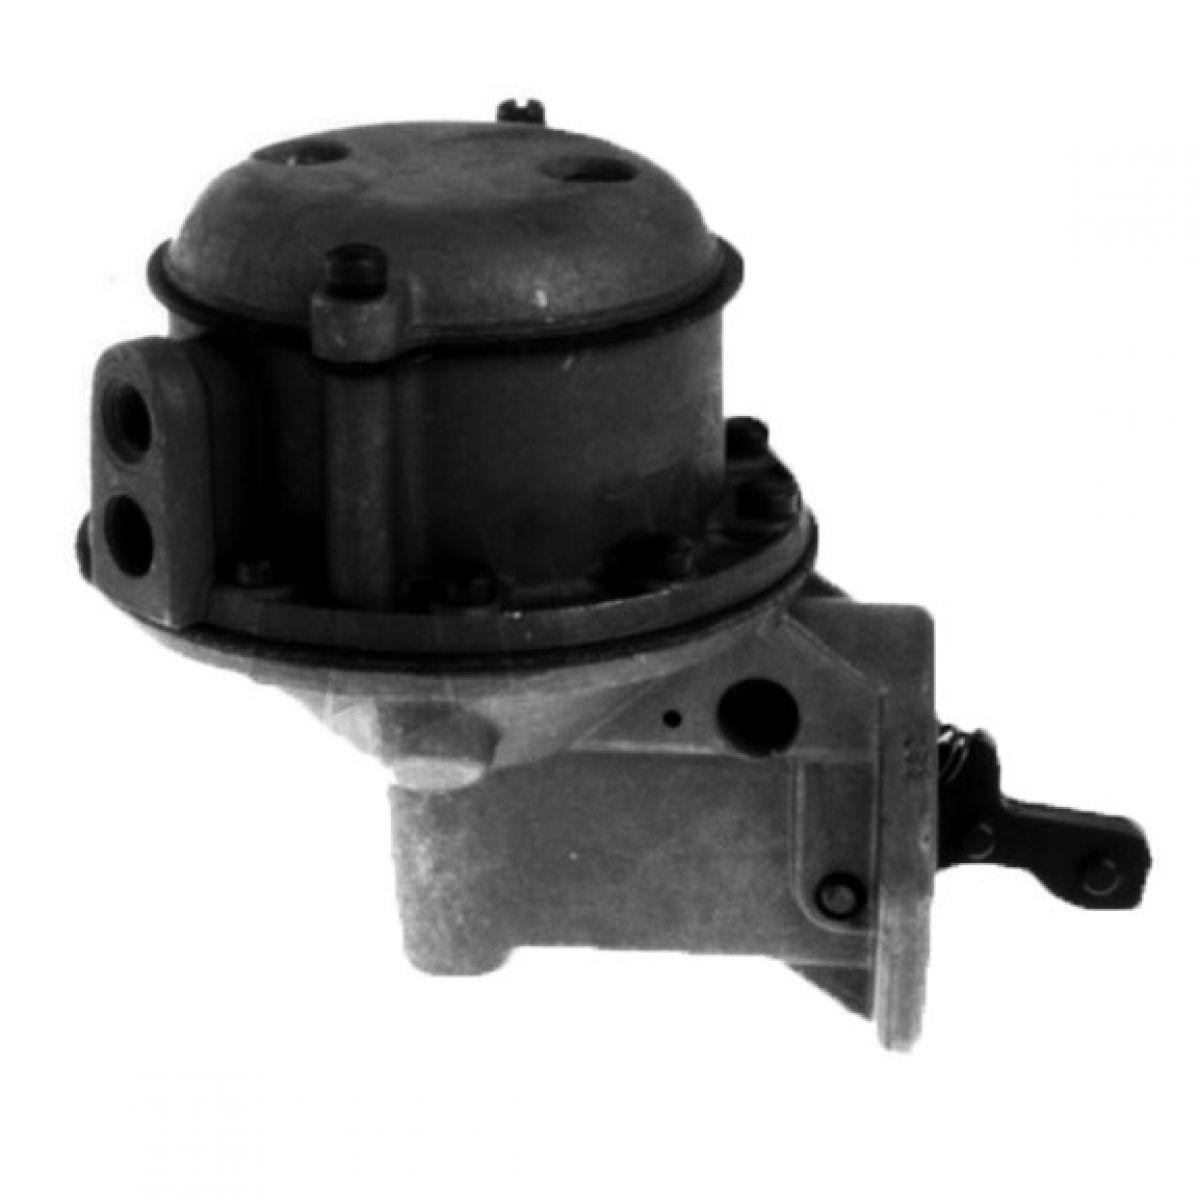 Airtex 713 Mechanical Fuel Gas Pump Dual Port for Cadillac Eldorado DeVille V8